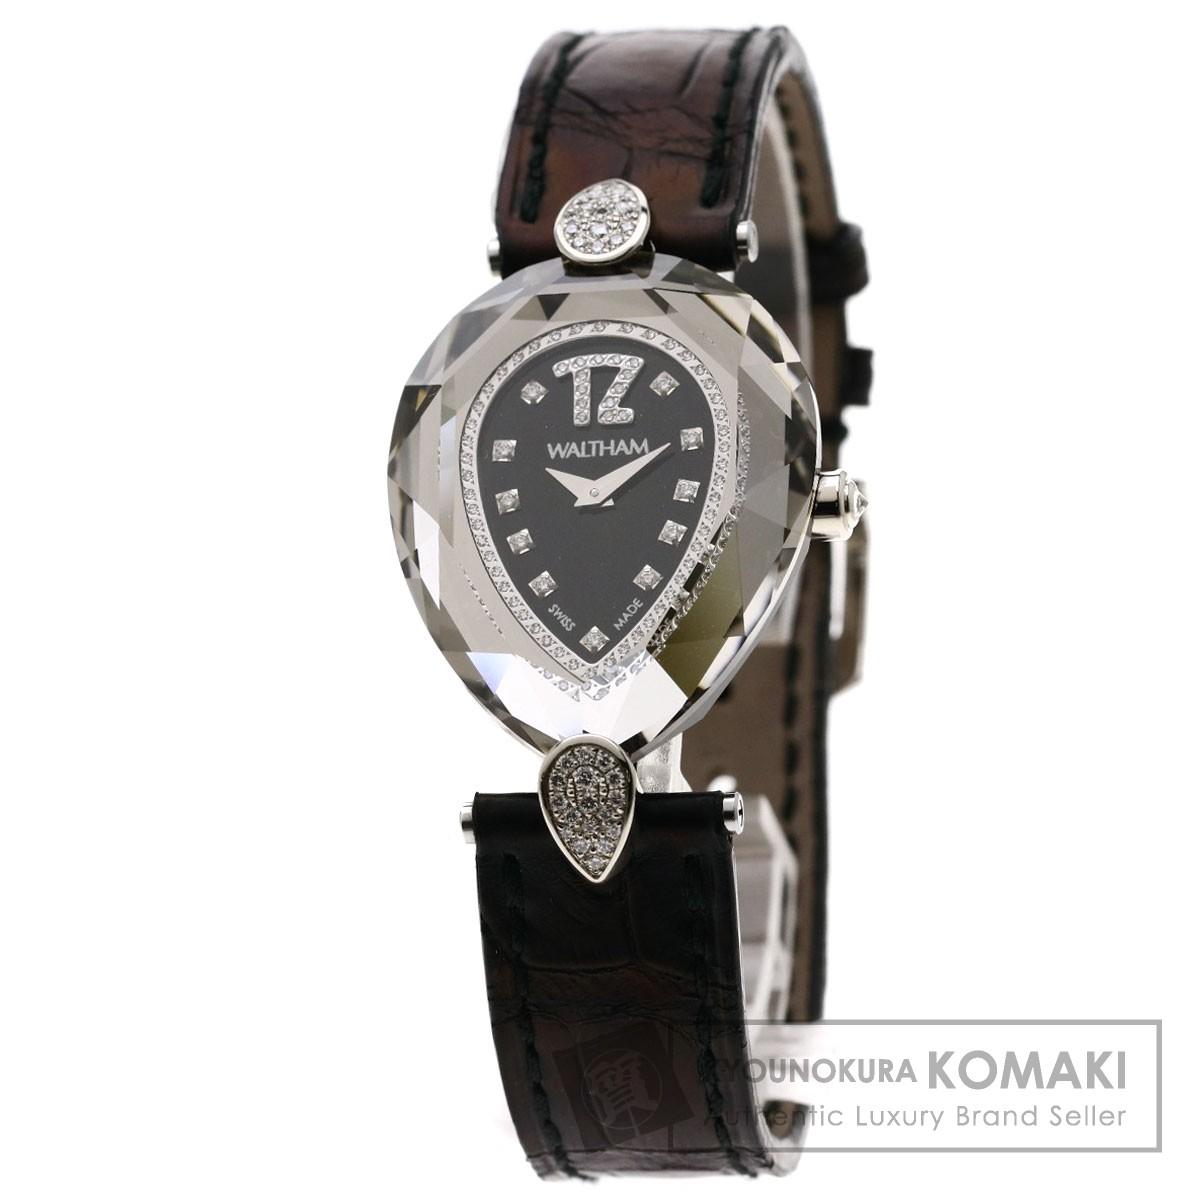 ウォルサム LB34 レディーバローダ ダイヤモンド 腕時計 K18ホワイトゴールド/革 レディース 【中古】【WALTHAM】